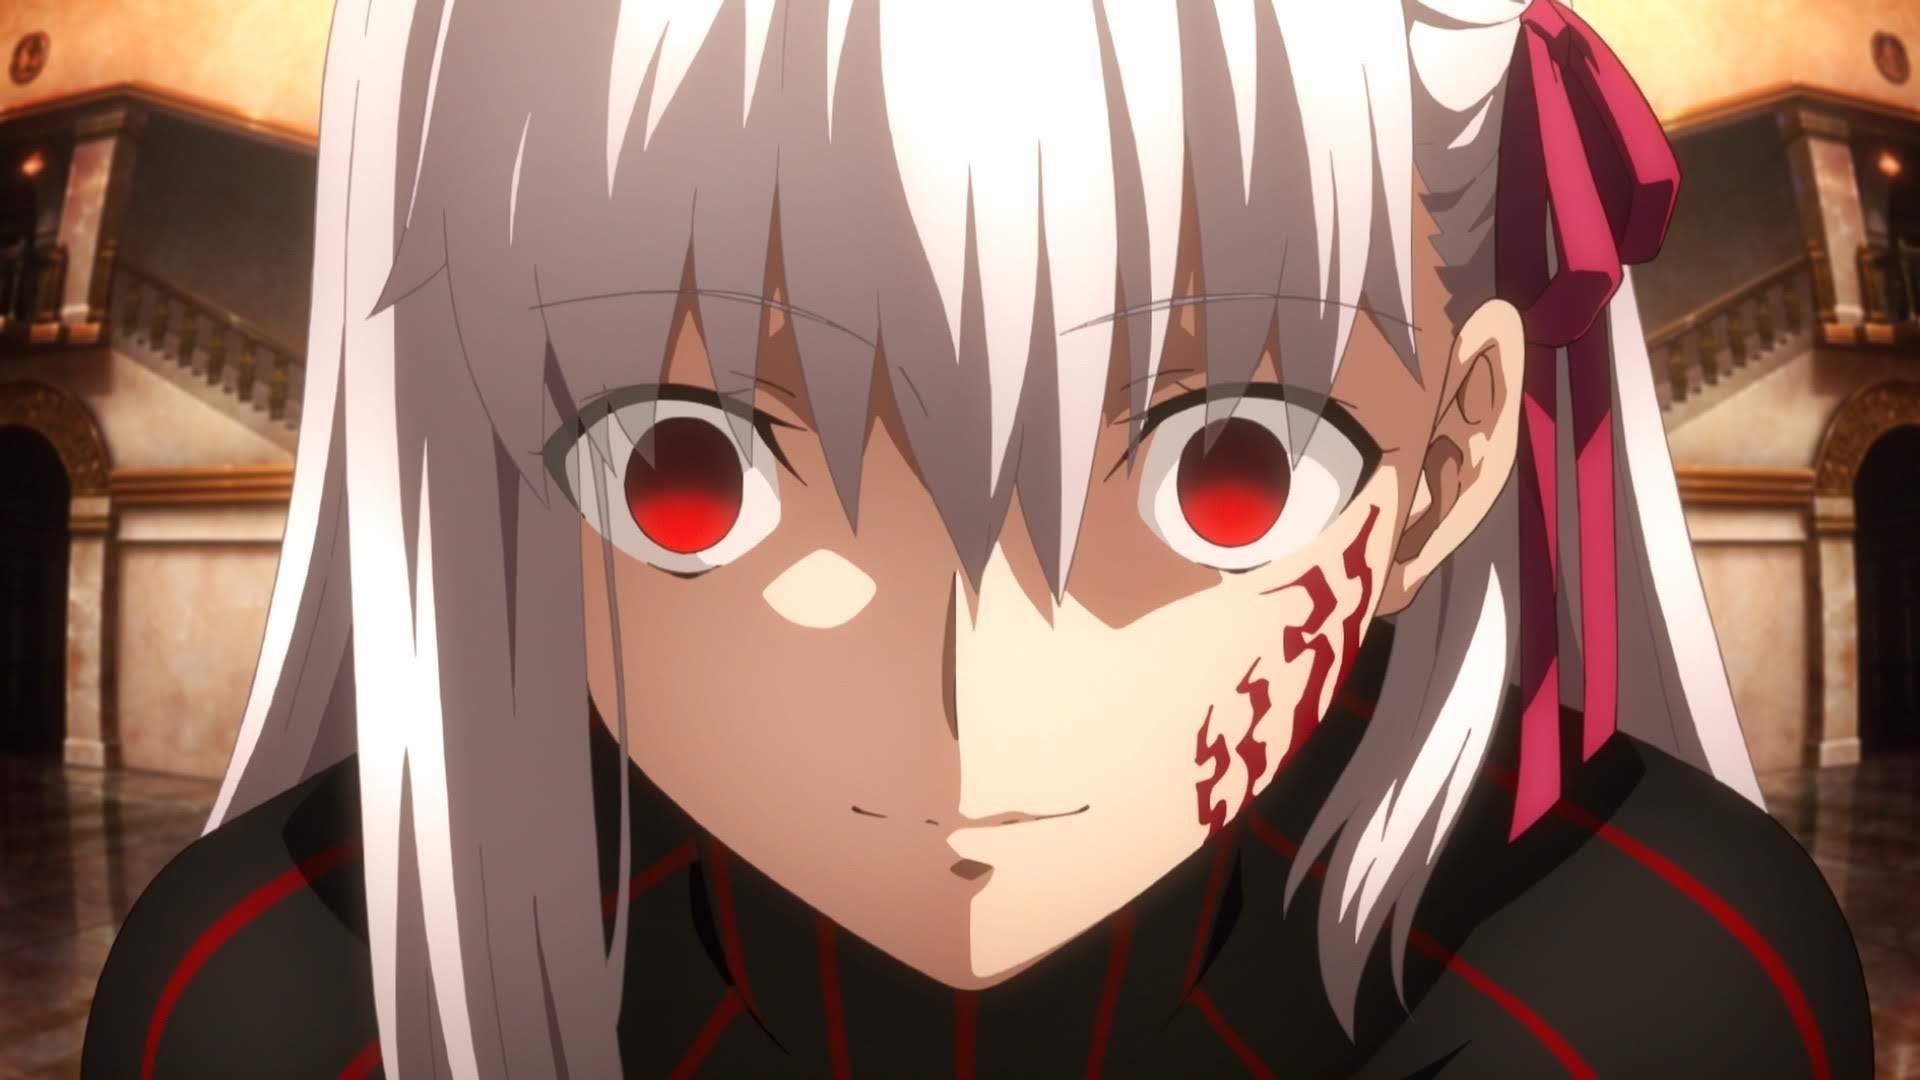 [迷迷動漫] 劇場版《Fate/stay night HF》最終章 預告釋出